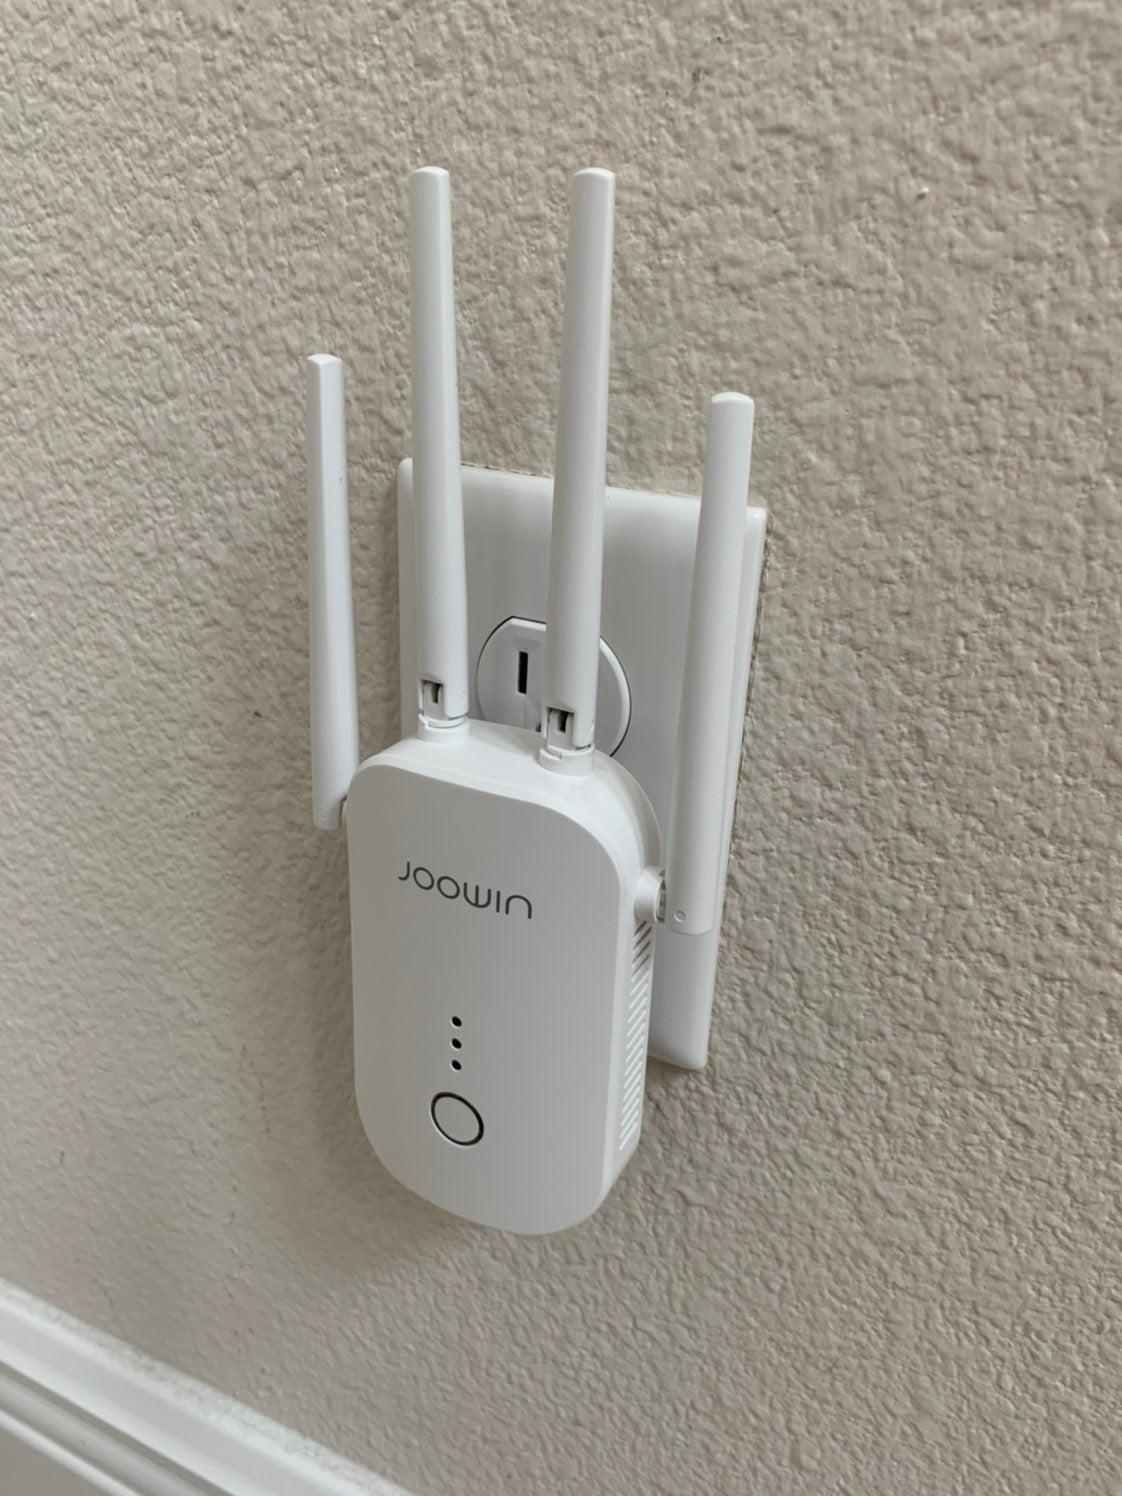 Joowin wifi extender